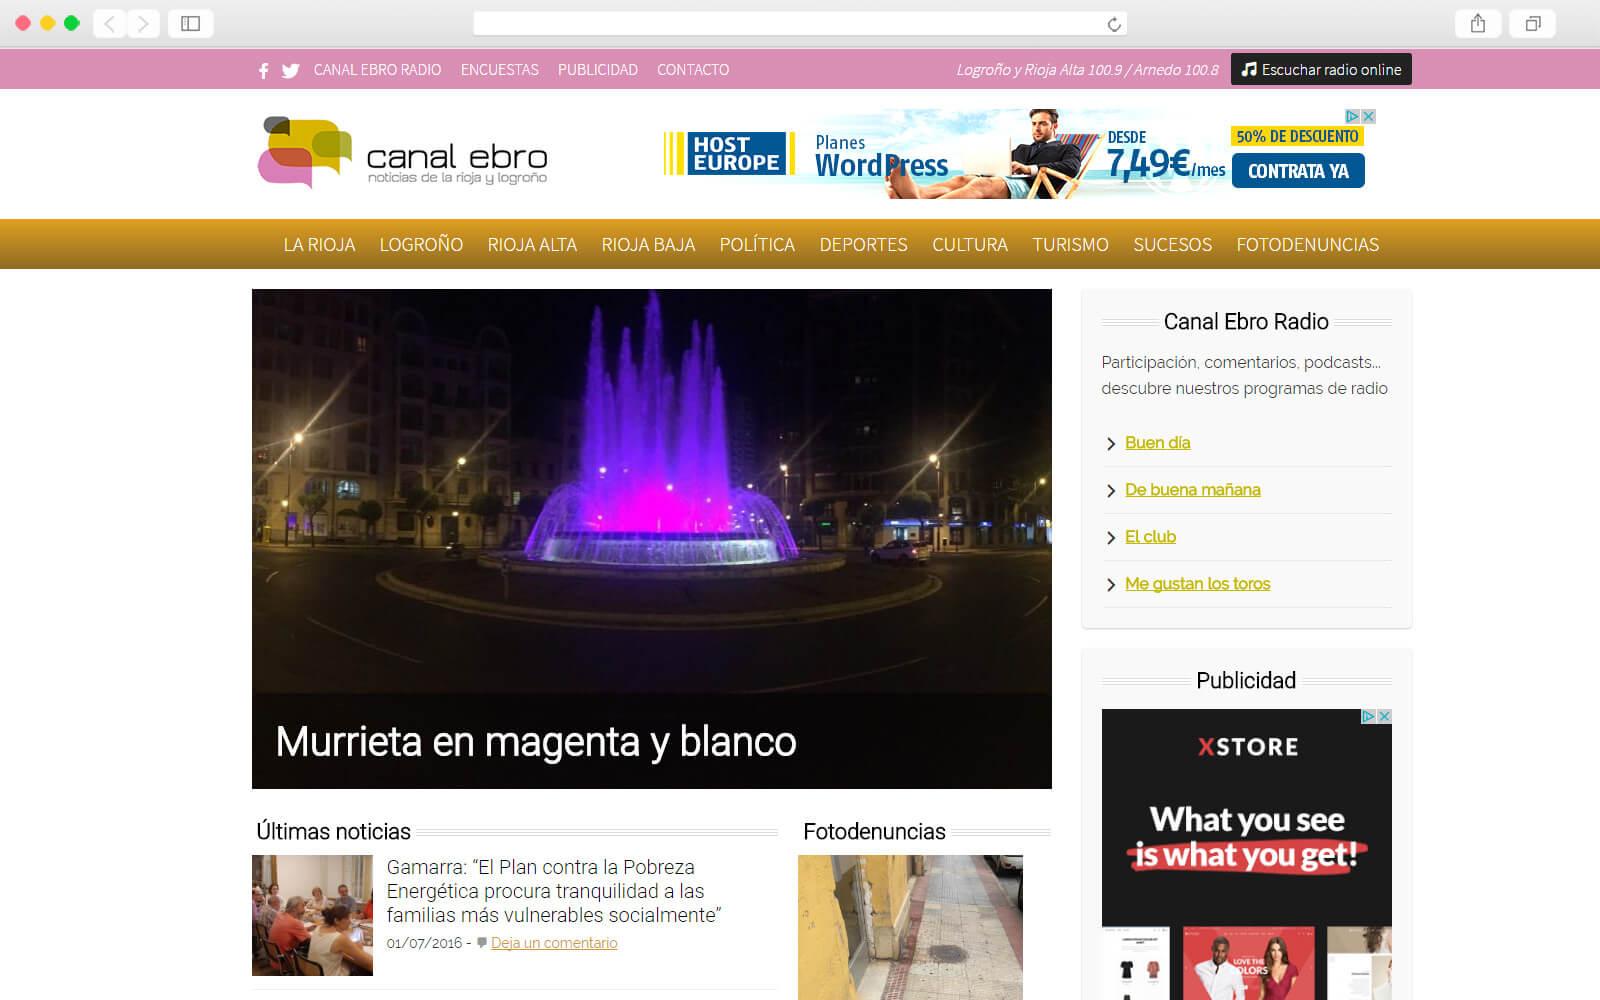 Home page de Canal Ebro Radio